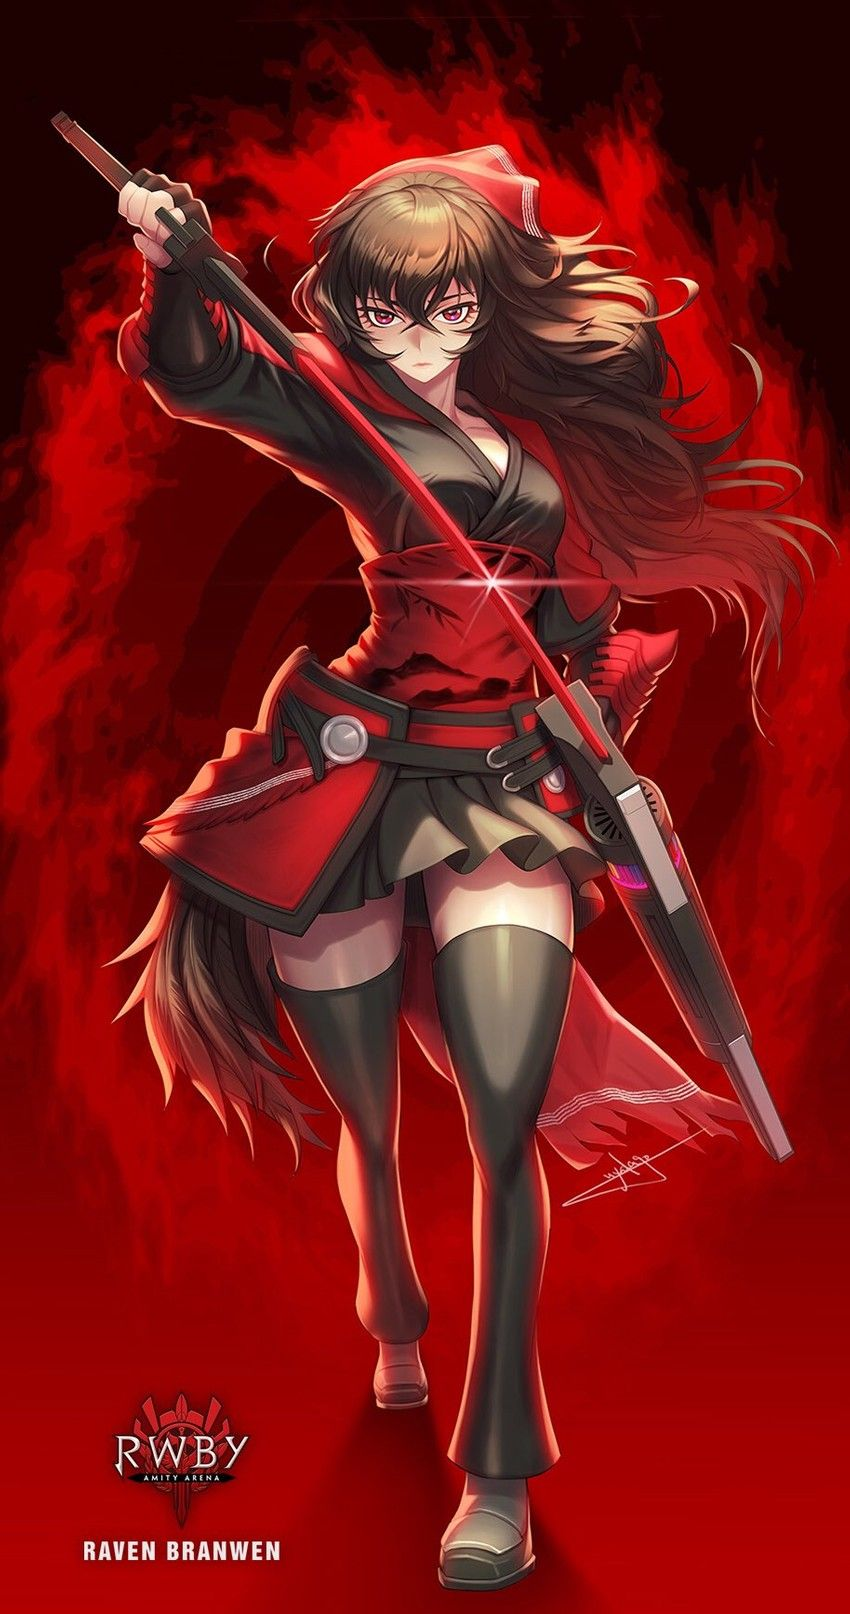 Pin by yam yam on anime | Anime, Rwby anime, Anime art